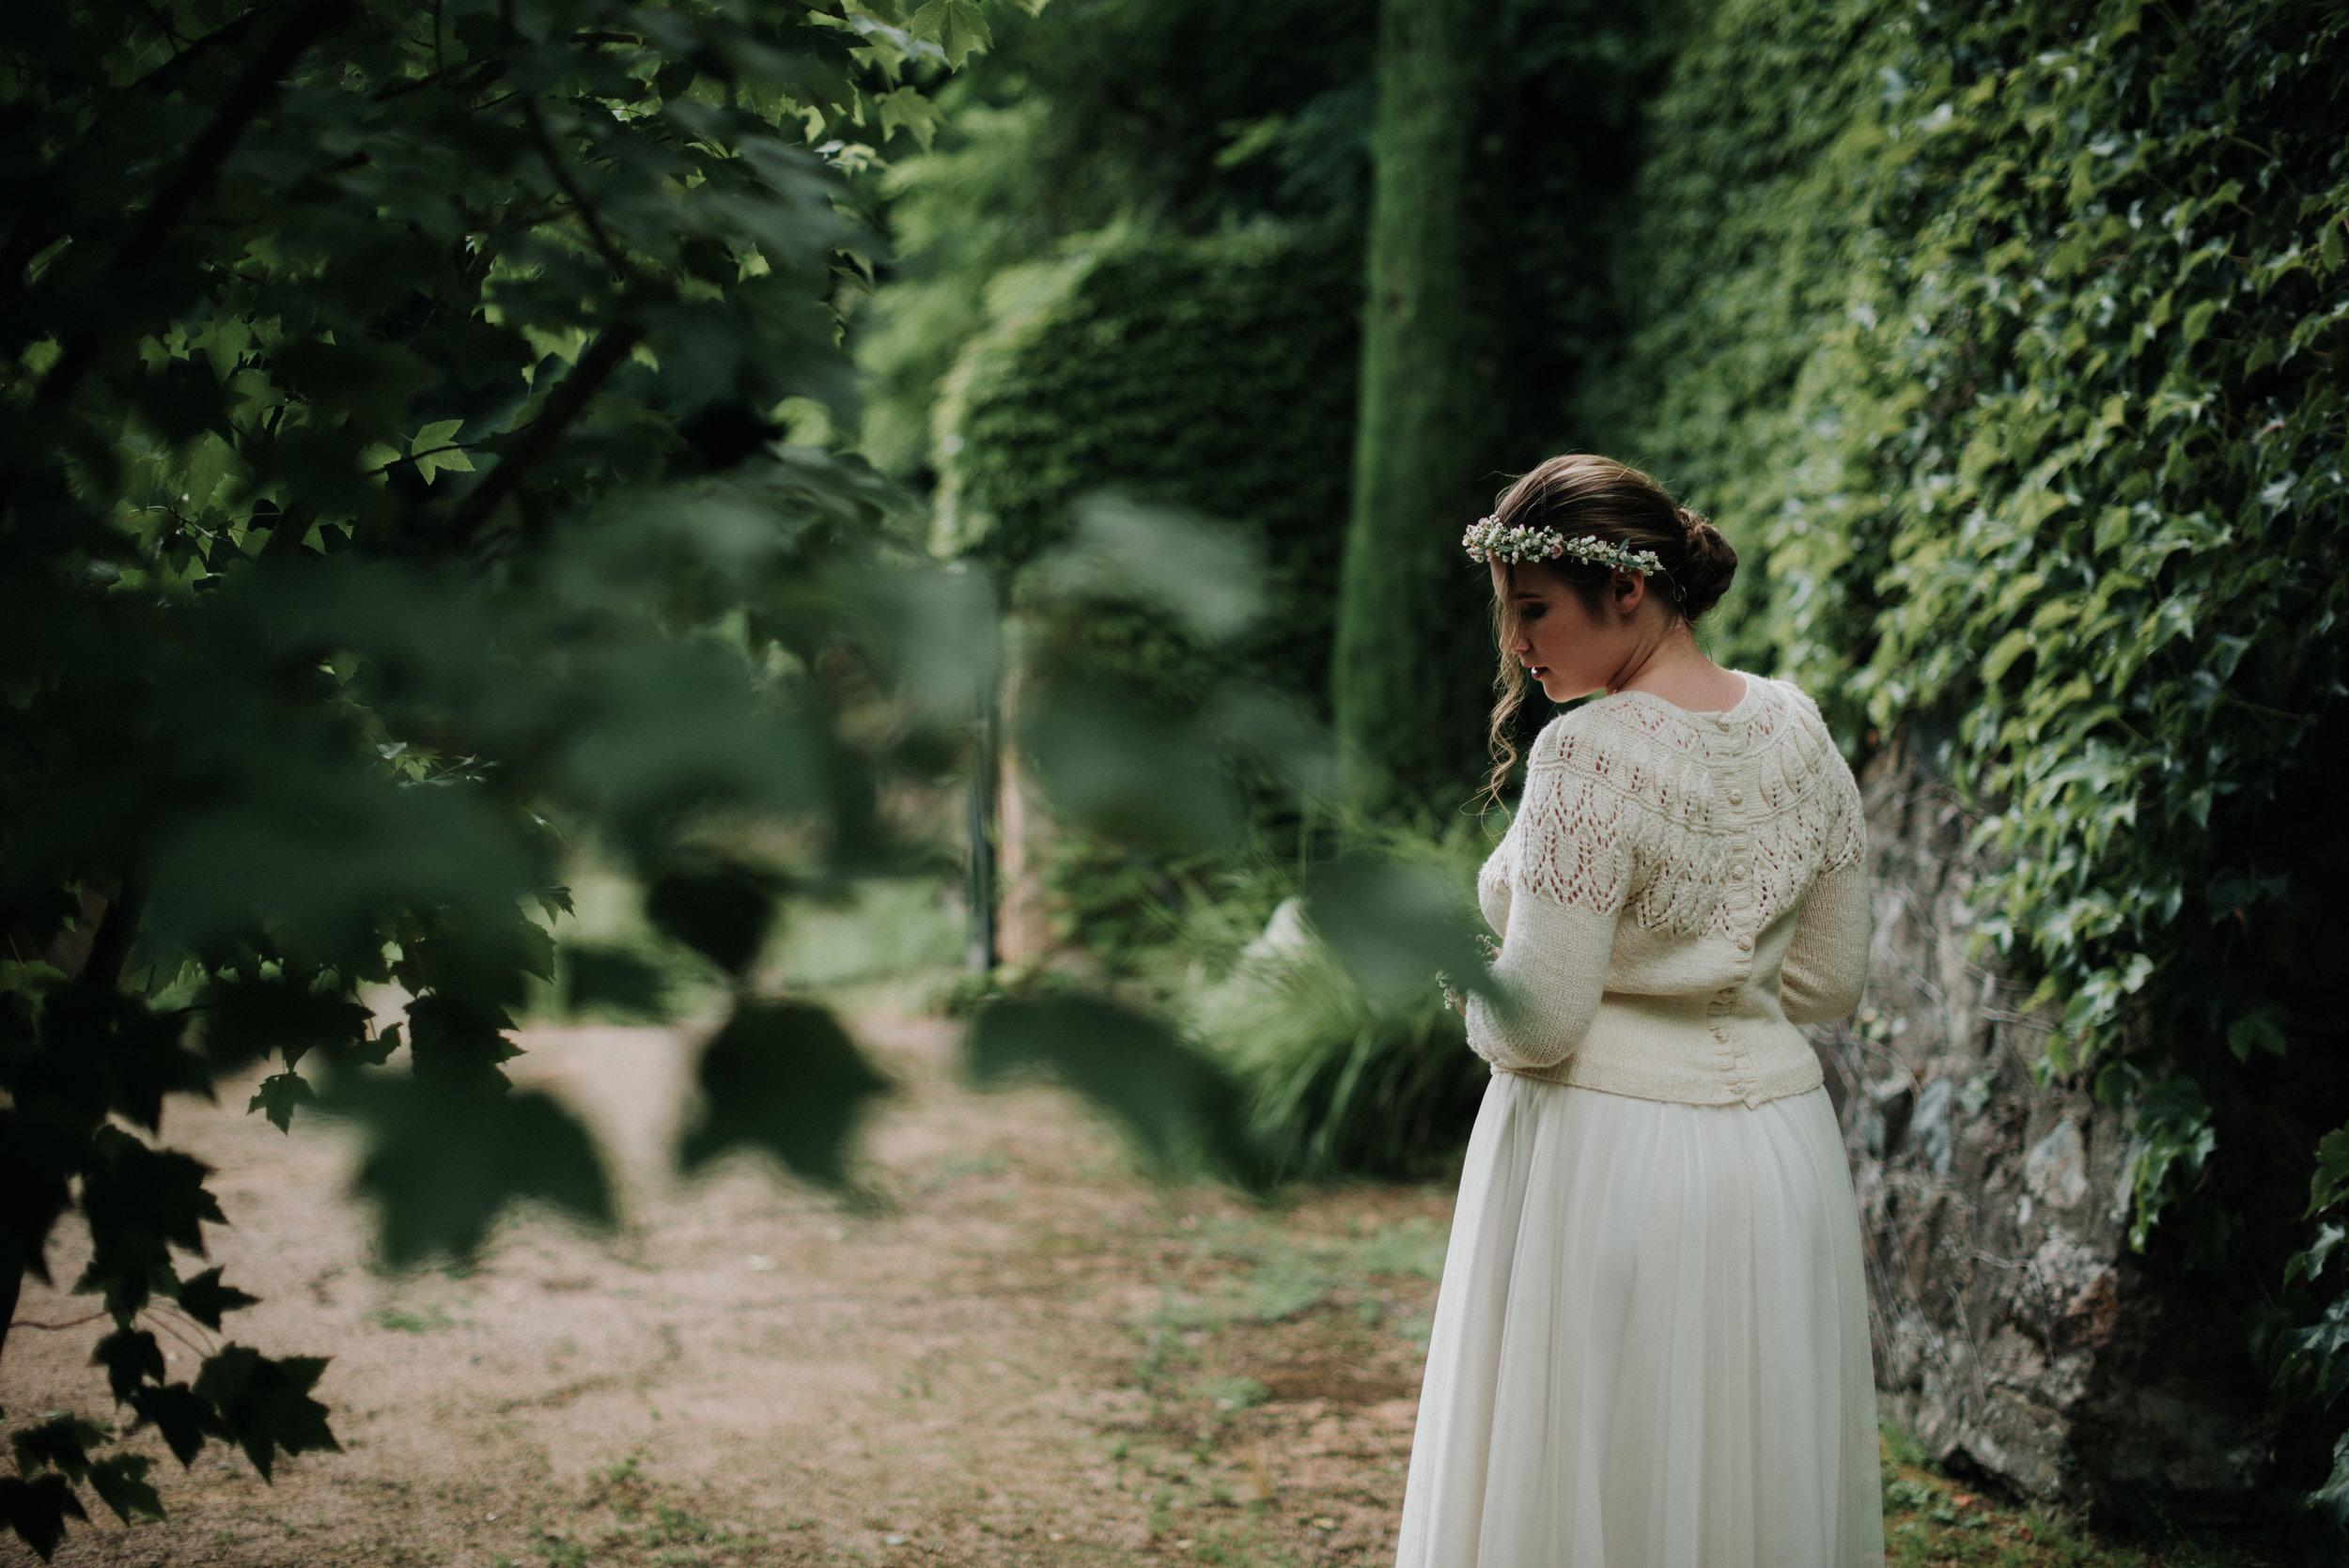 Léa-Fery-photographe-professionnel-lyon-rhone-alpes-portrait-creation-mariage-evenement-evenementiel-famille-8781.jpg